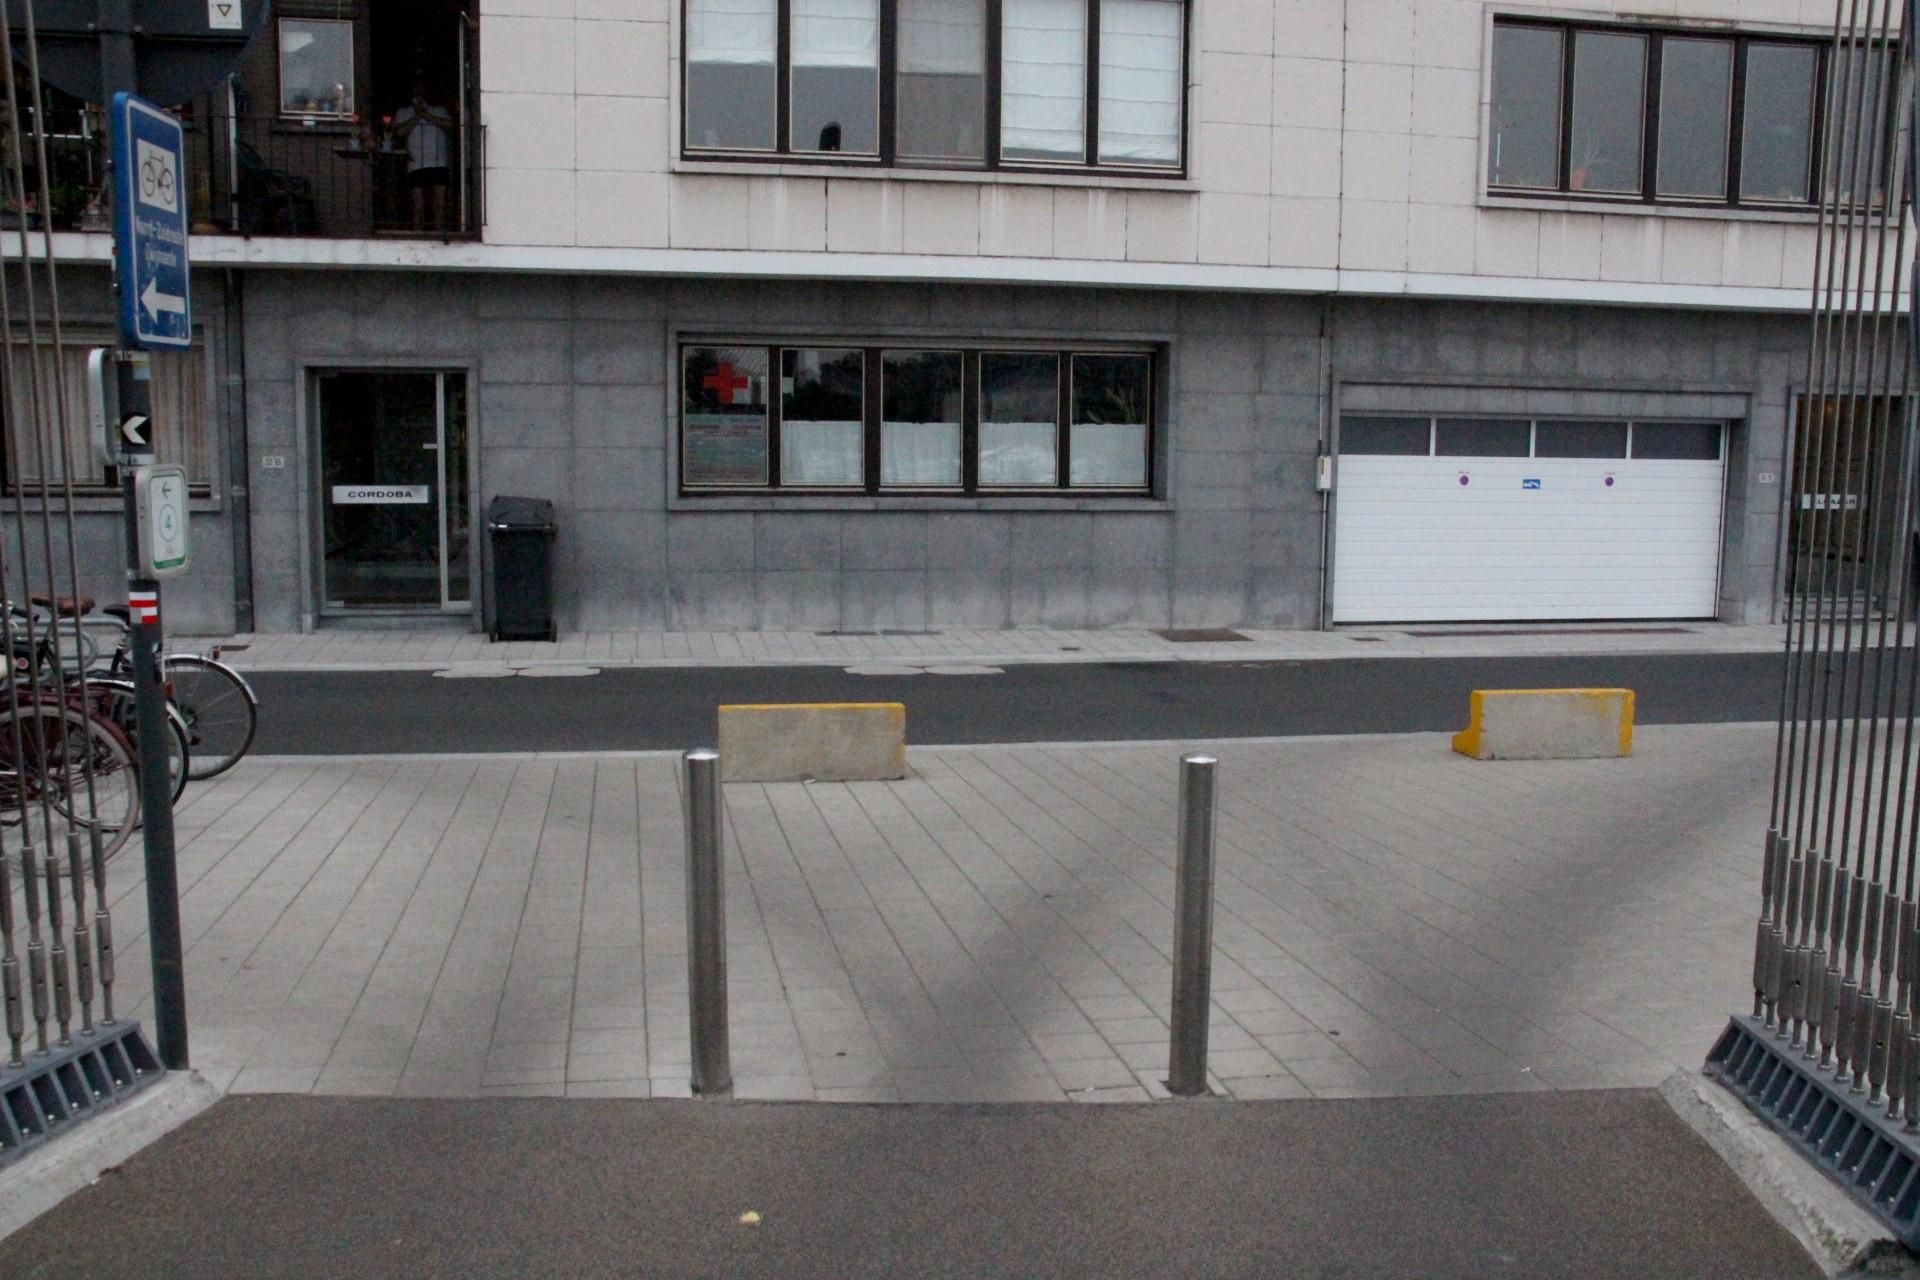 04sep14, 19u44, Nieuwbrugkaai